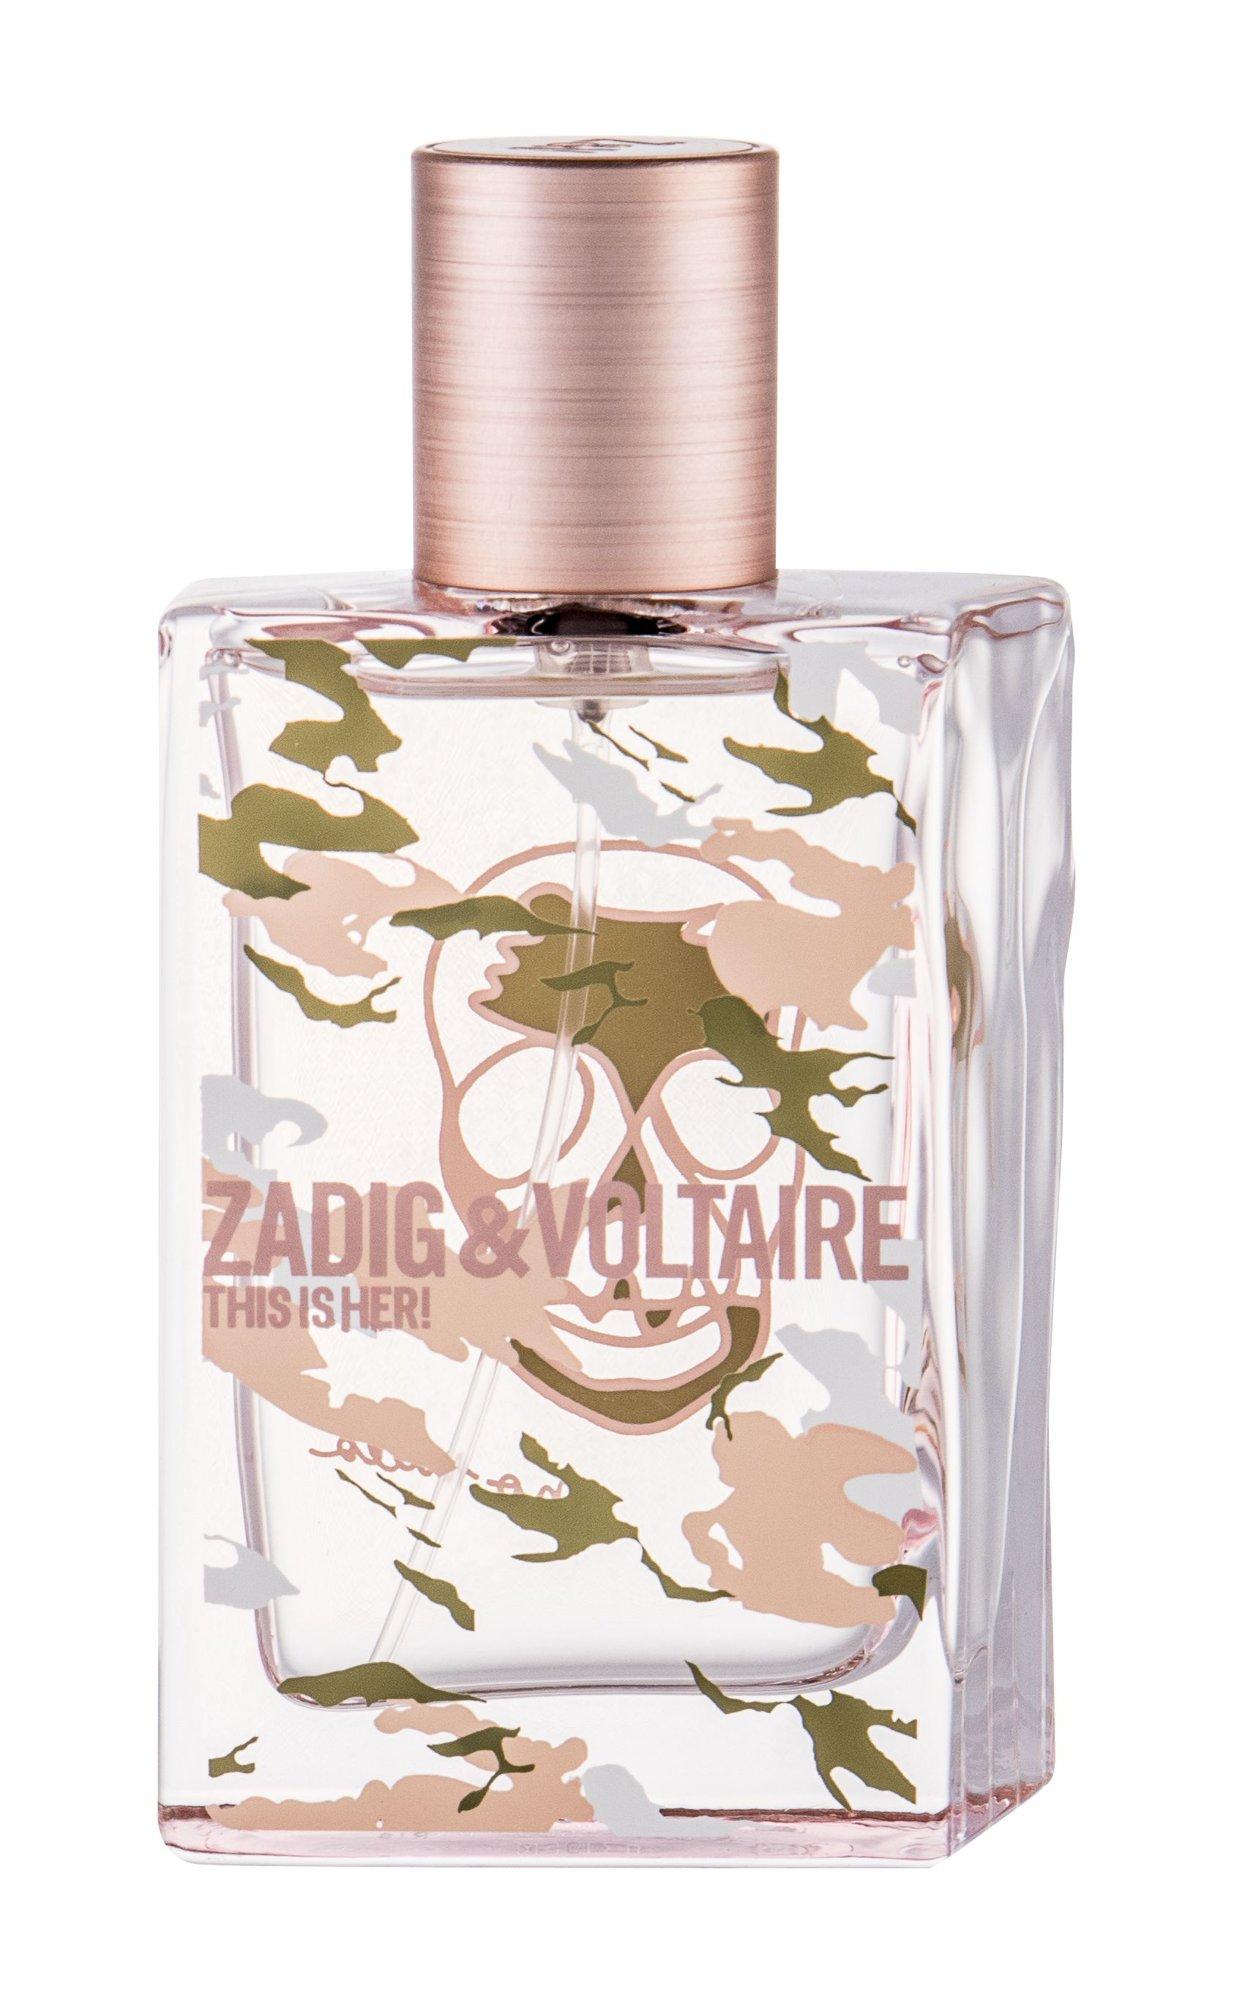 Zadig & Voltaire This is Her! Eau de Parfum 50ml